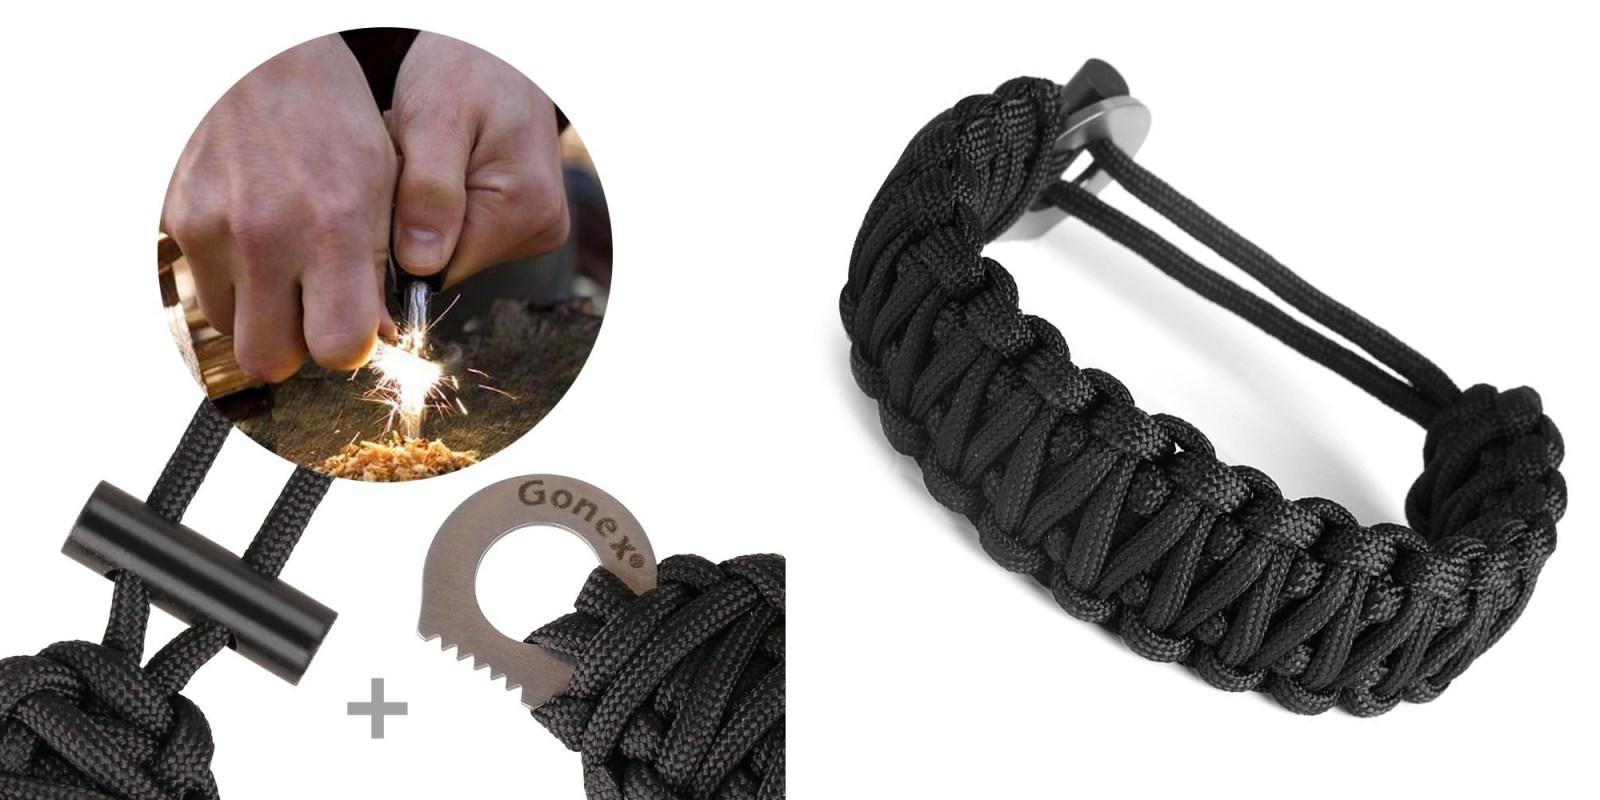 Go full-on Bear Grylls style w/ this Paracord Survival Bracelet/Knife/Fire Starter: $4 Prime shipped (Reg. $6)